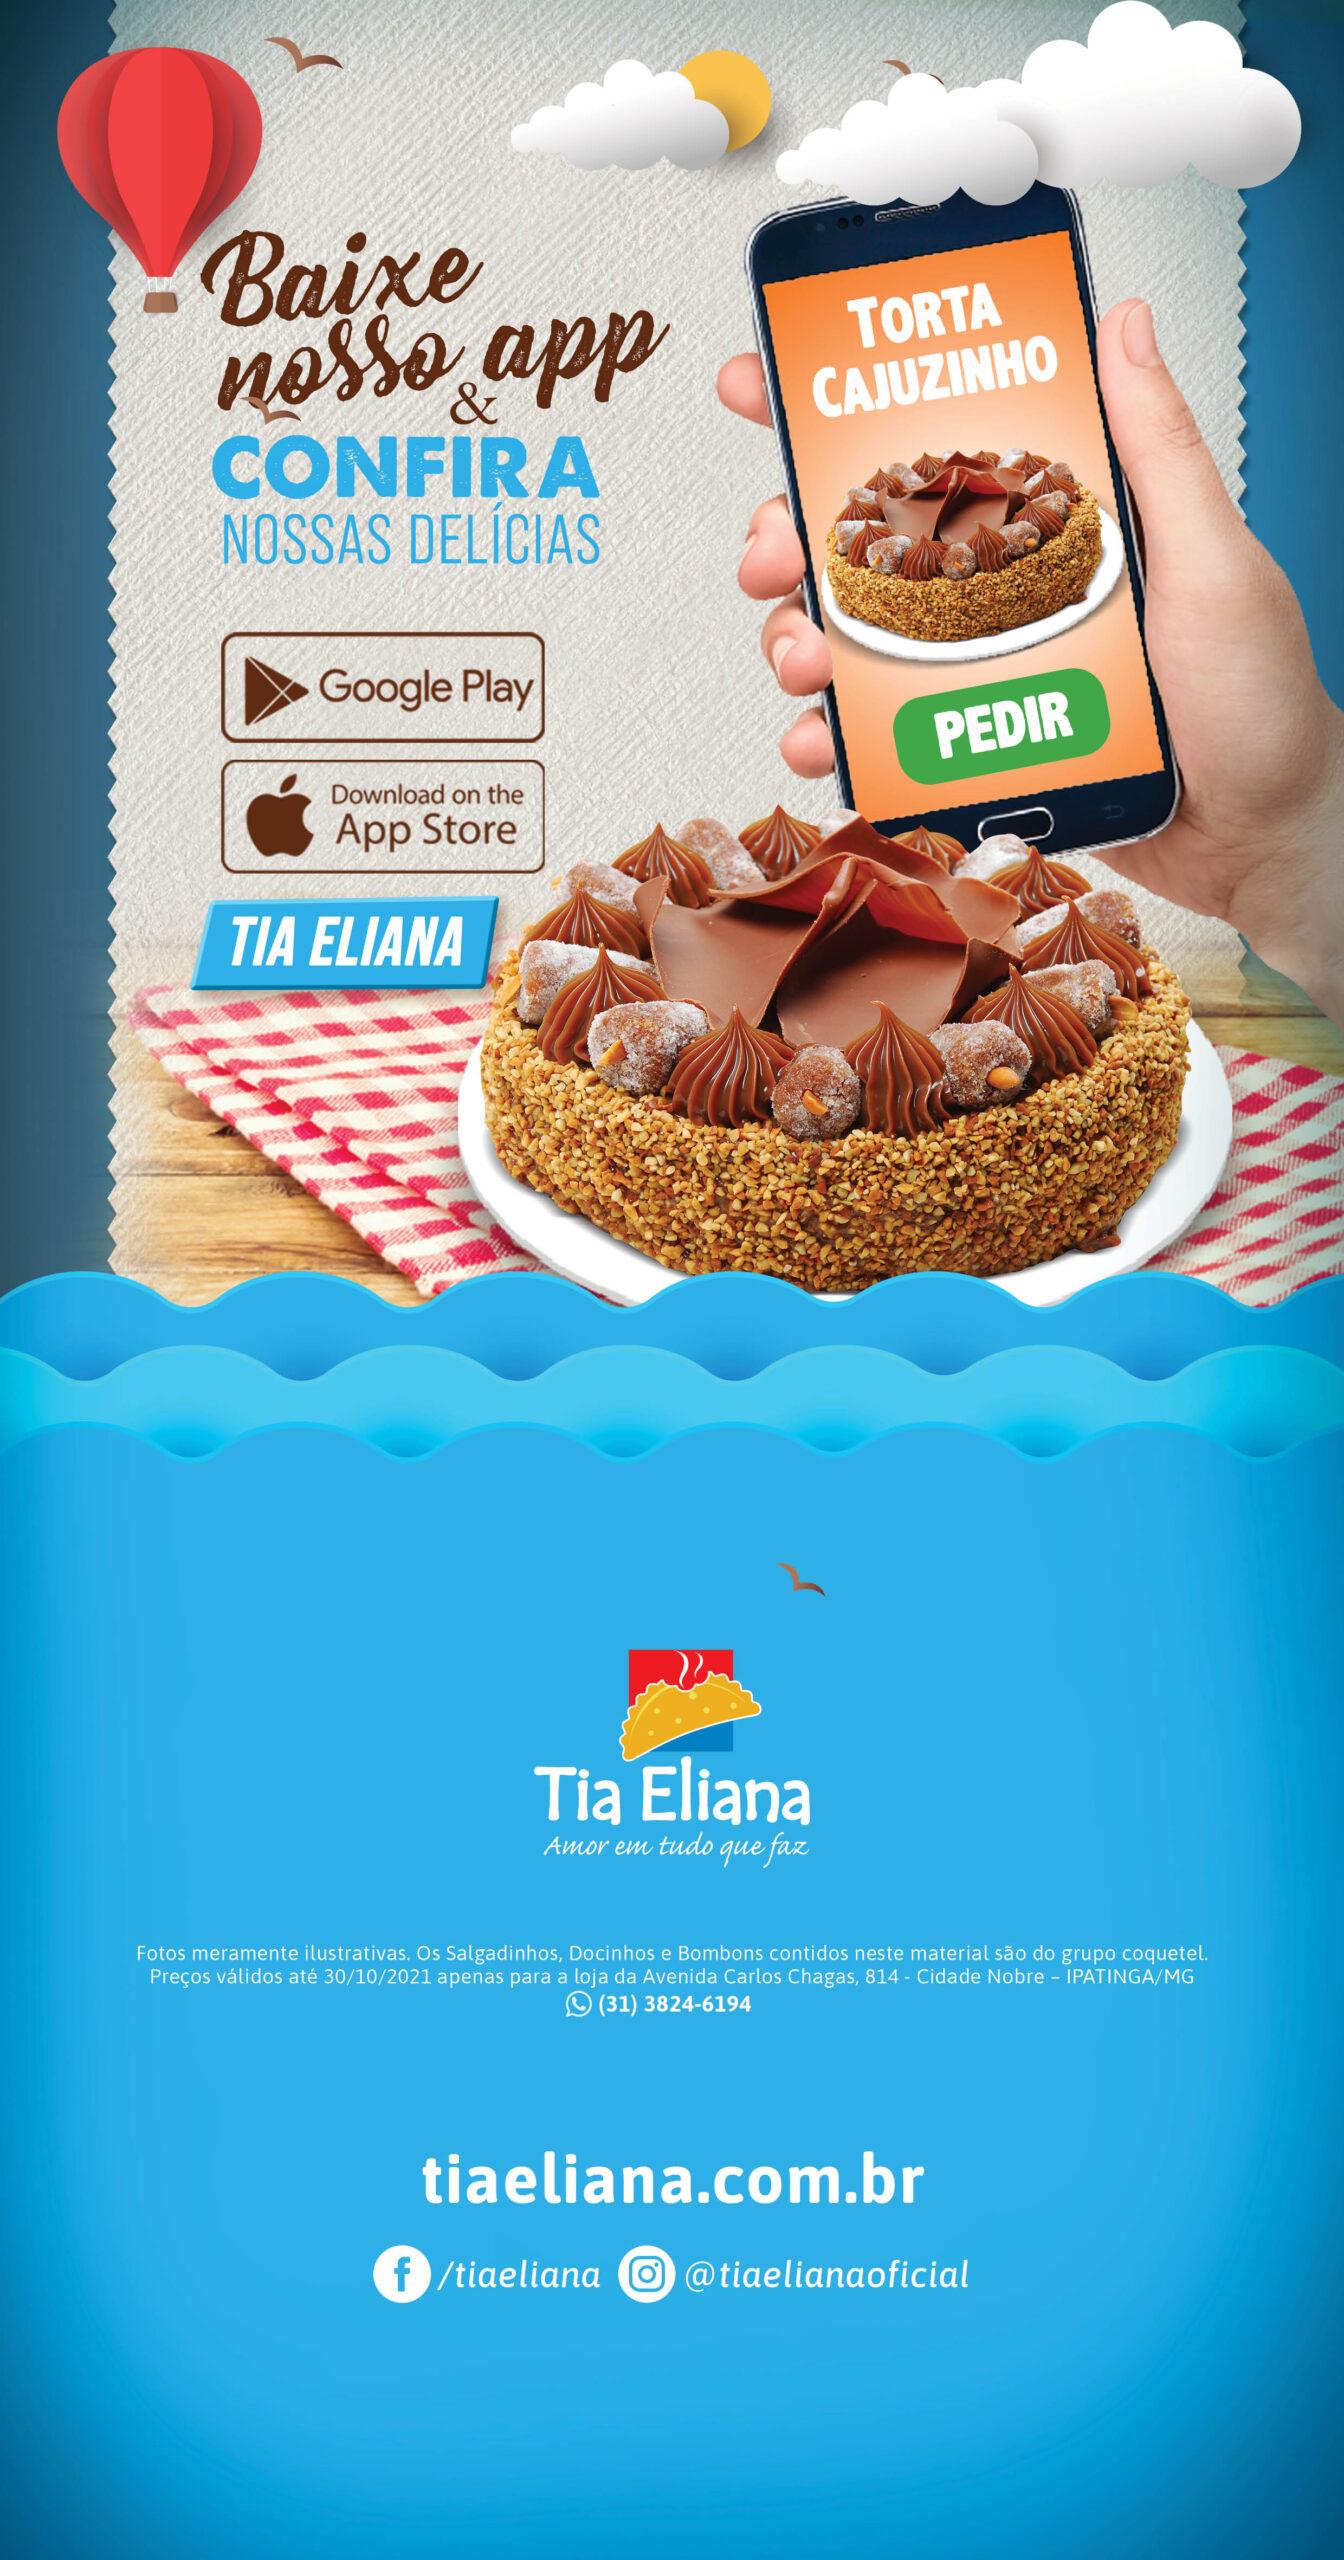 cardapio_encomendas_40x21cm_tia_eliana_interior_ipatinga_v210-scaled Encomendas - Ipatinga